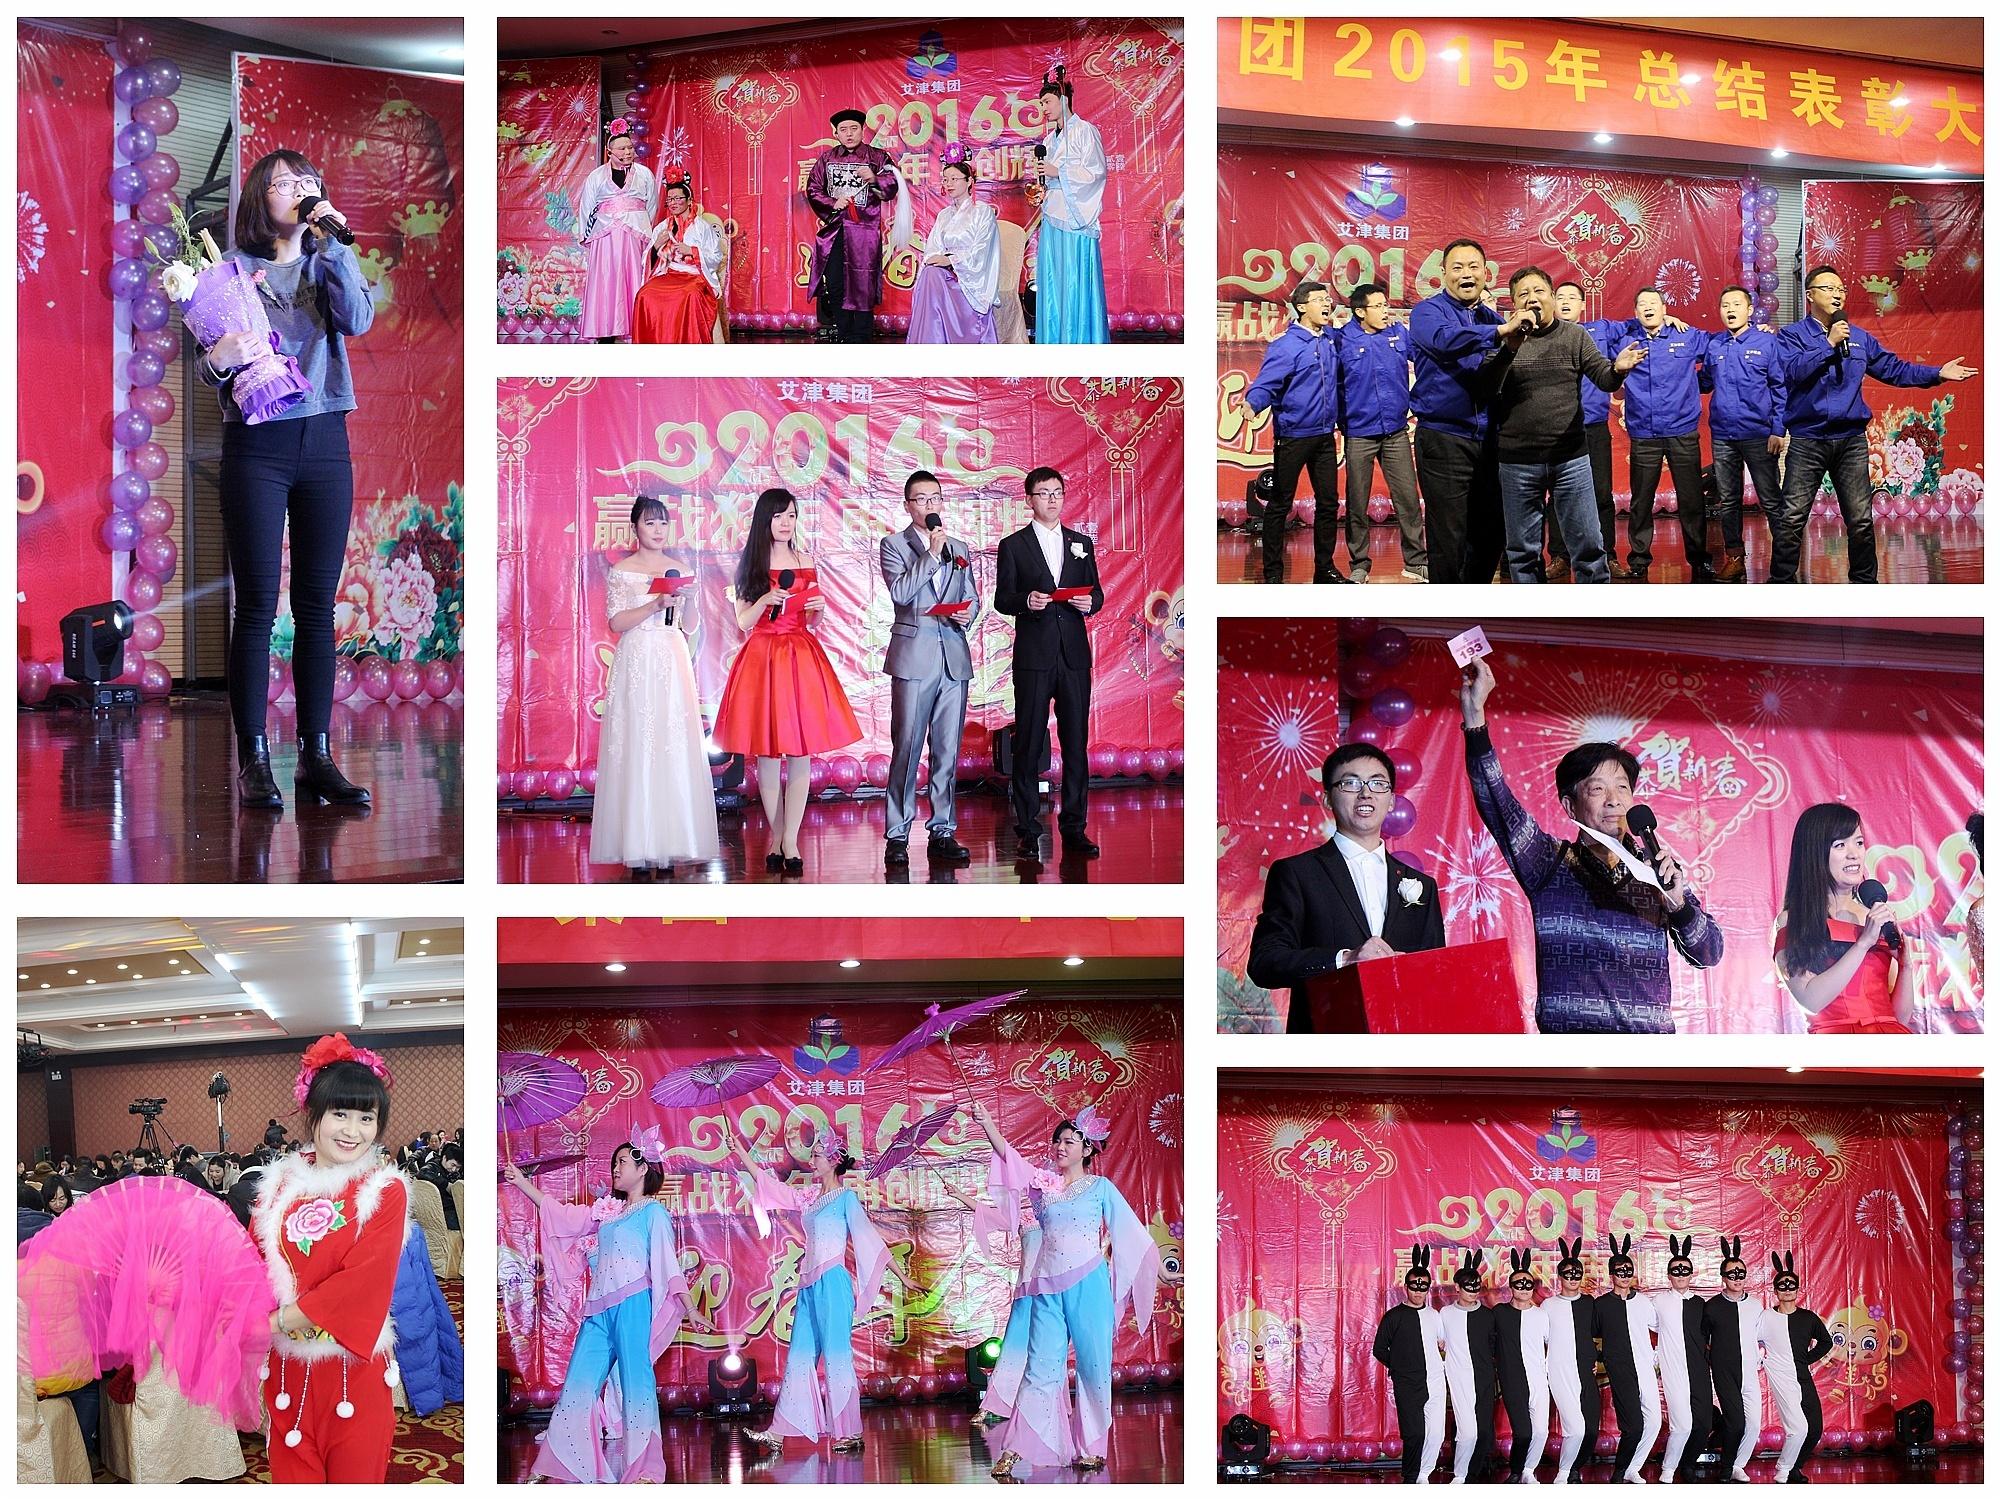 江苏艾津集团2015年终会节目演出